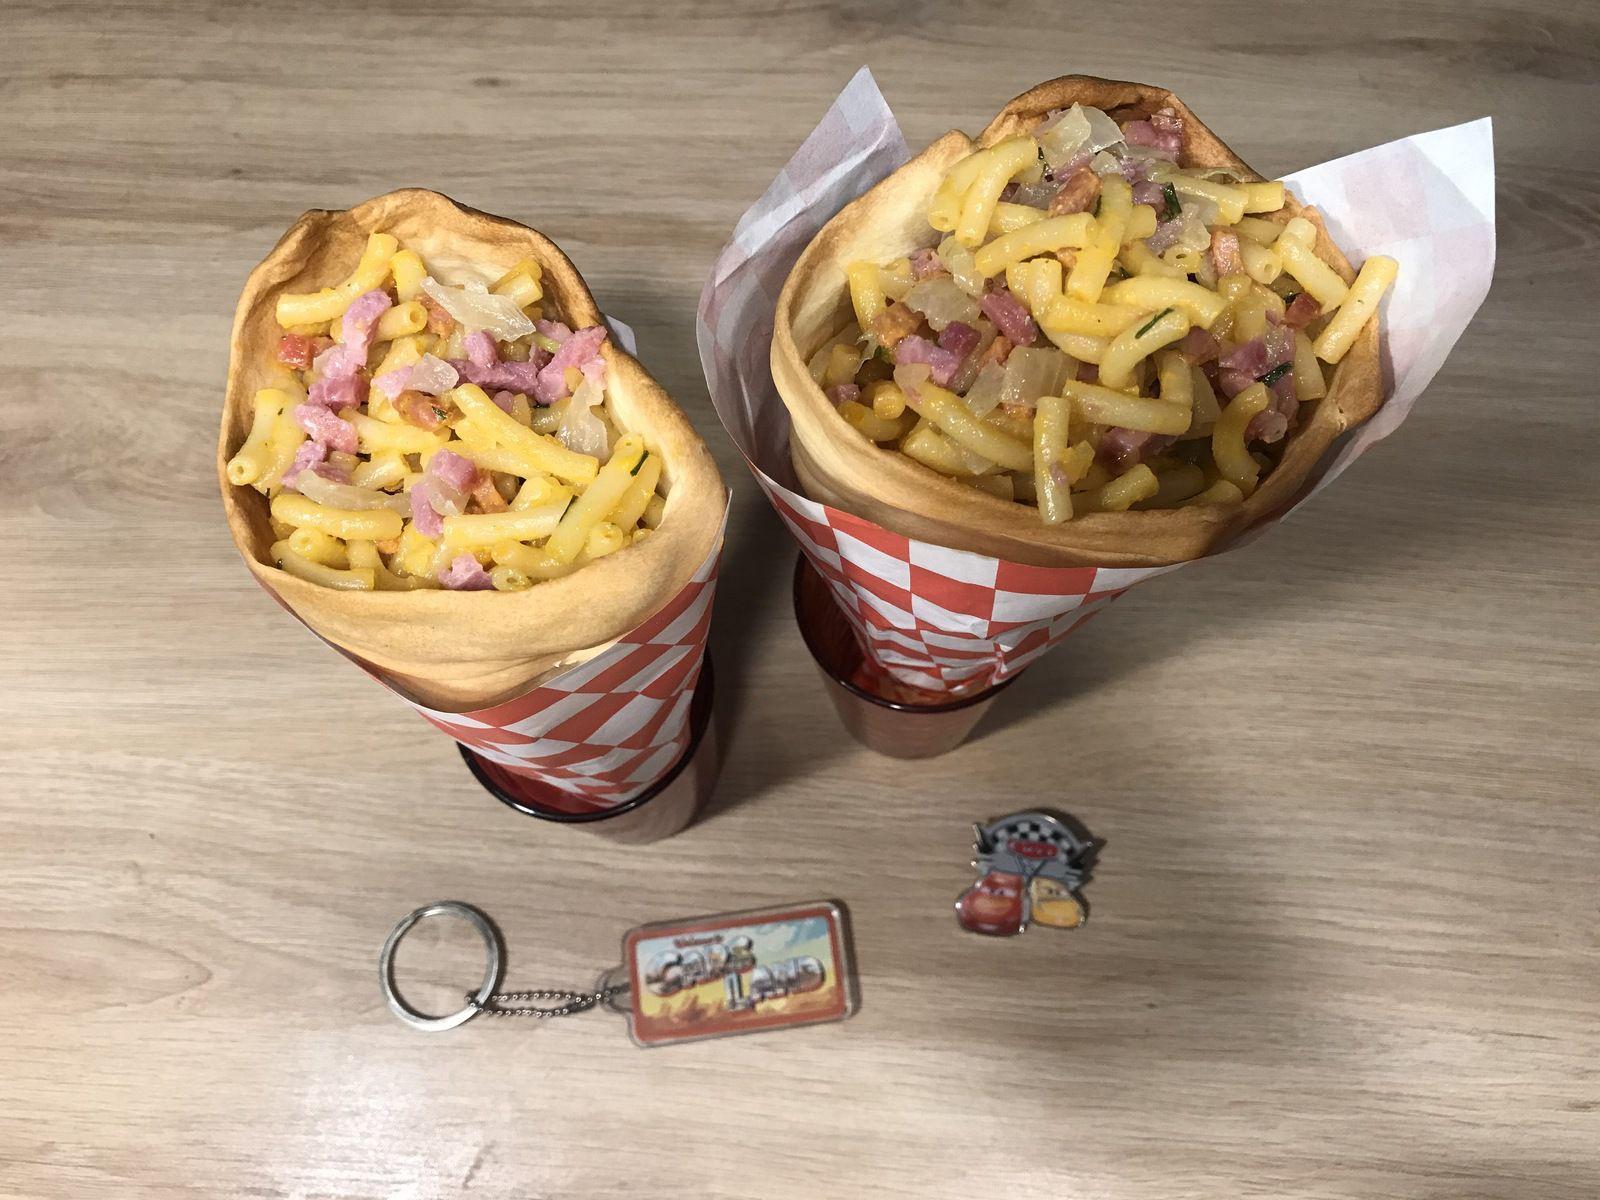 Recette Disney : le cône Mac and Cheese de Cars Land au parc Disney California Adventure